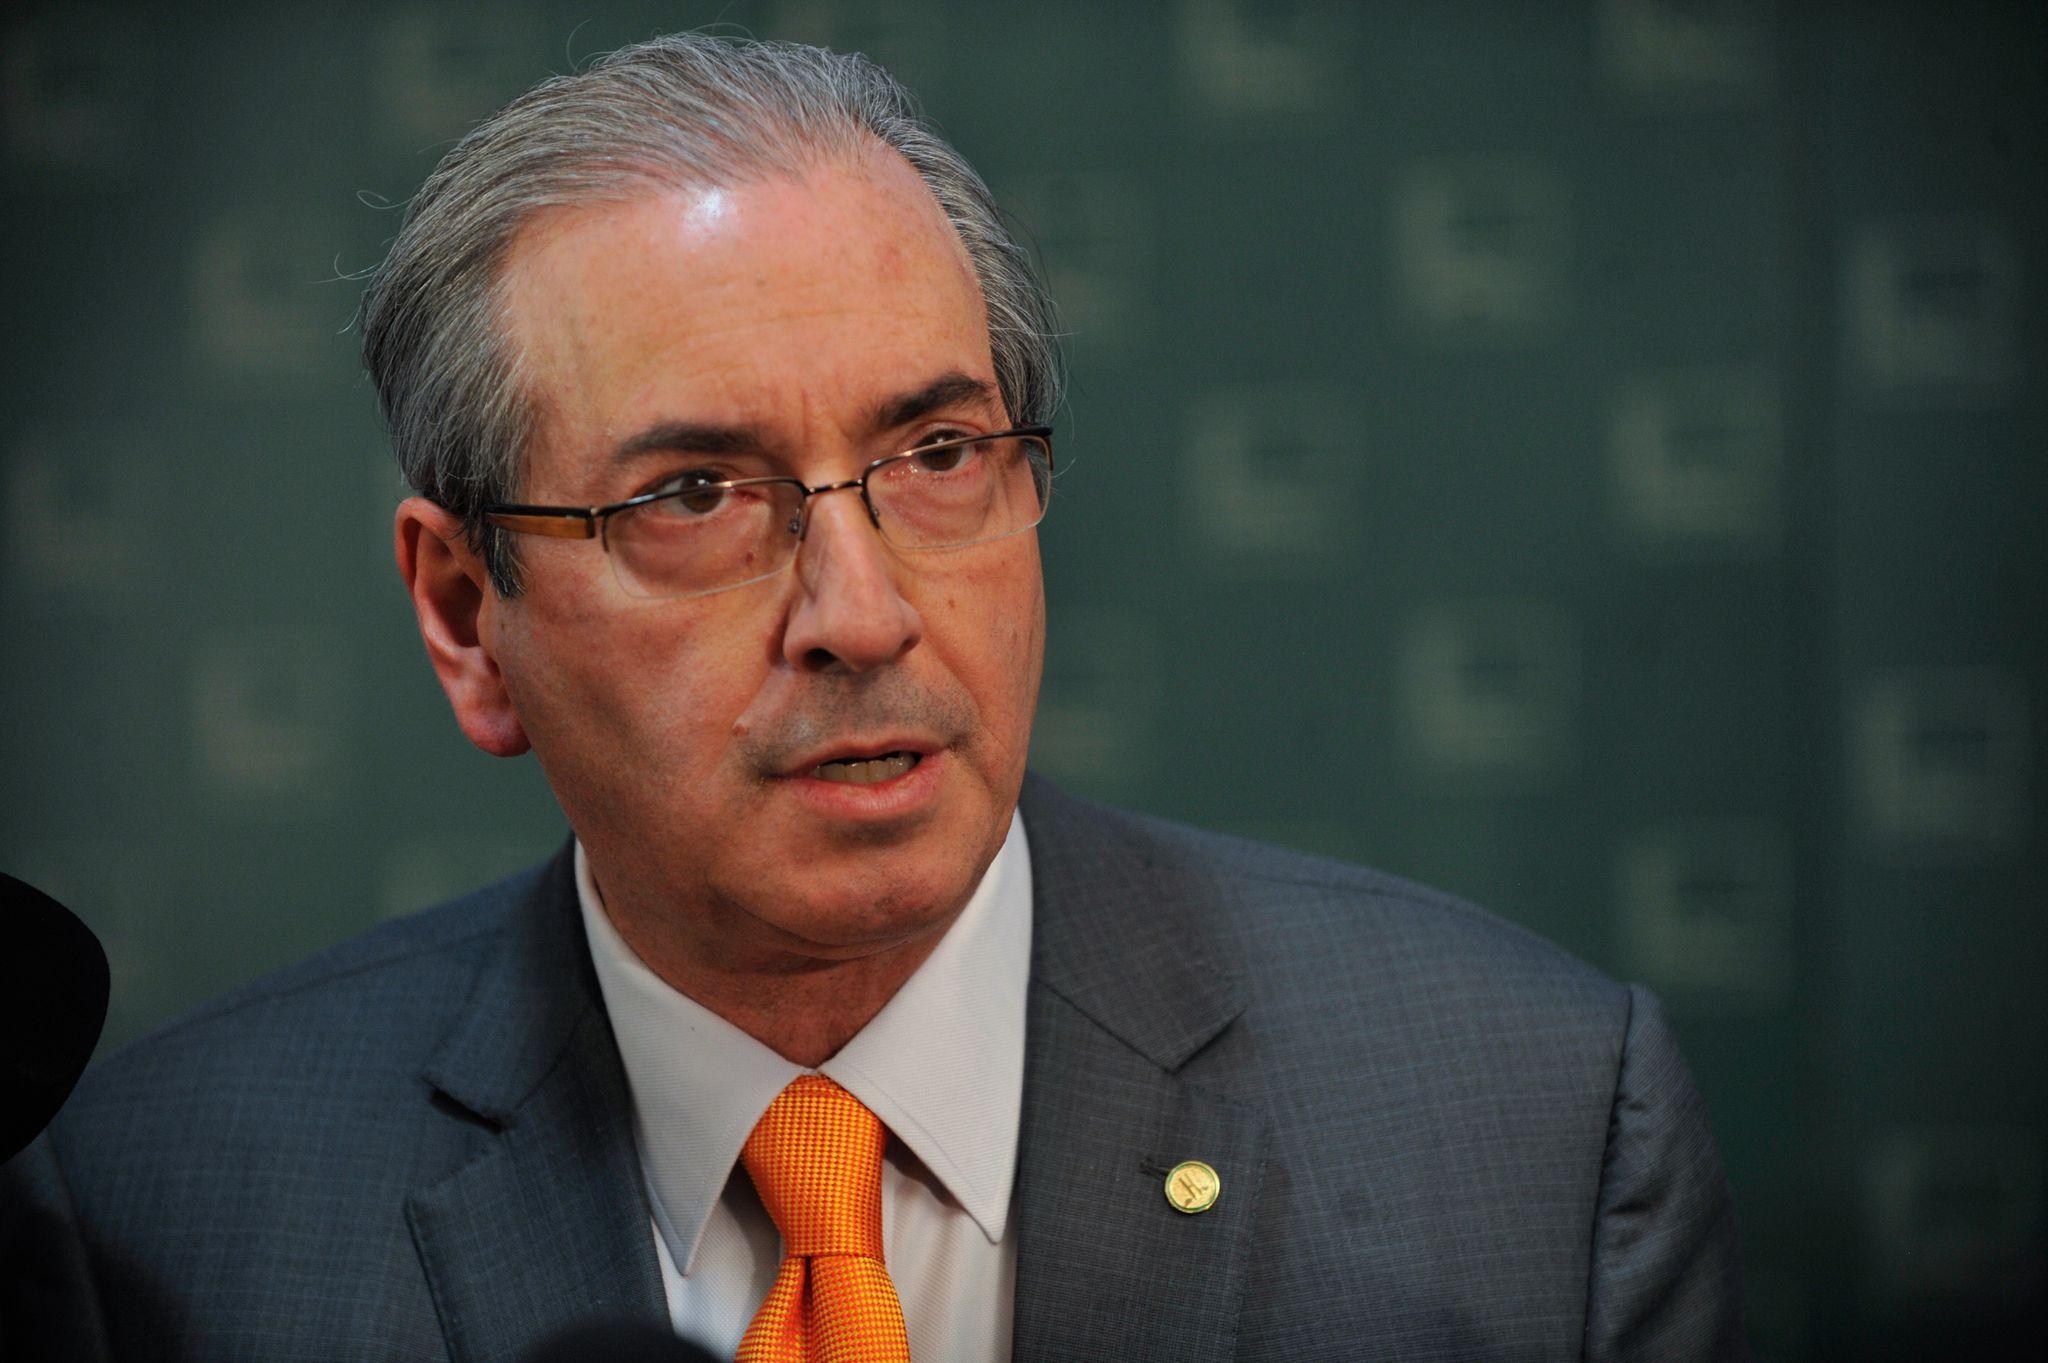 Teori arquiva pedido de prisão contra Cunha e remete denúncias a Moro e TRF-2